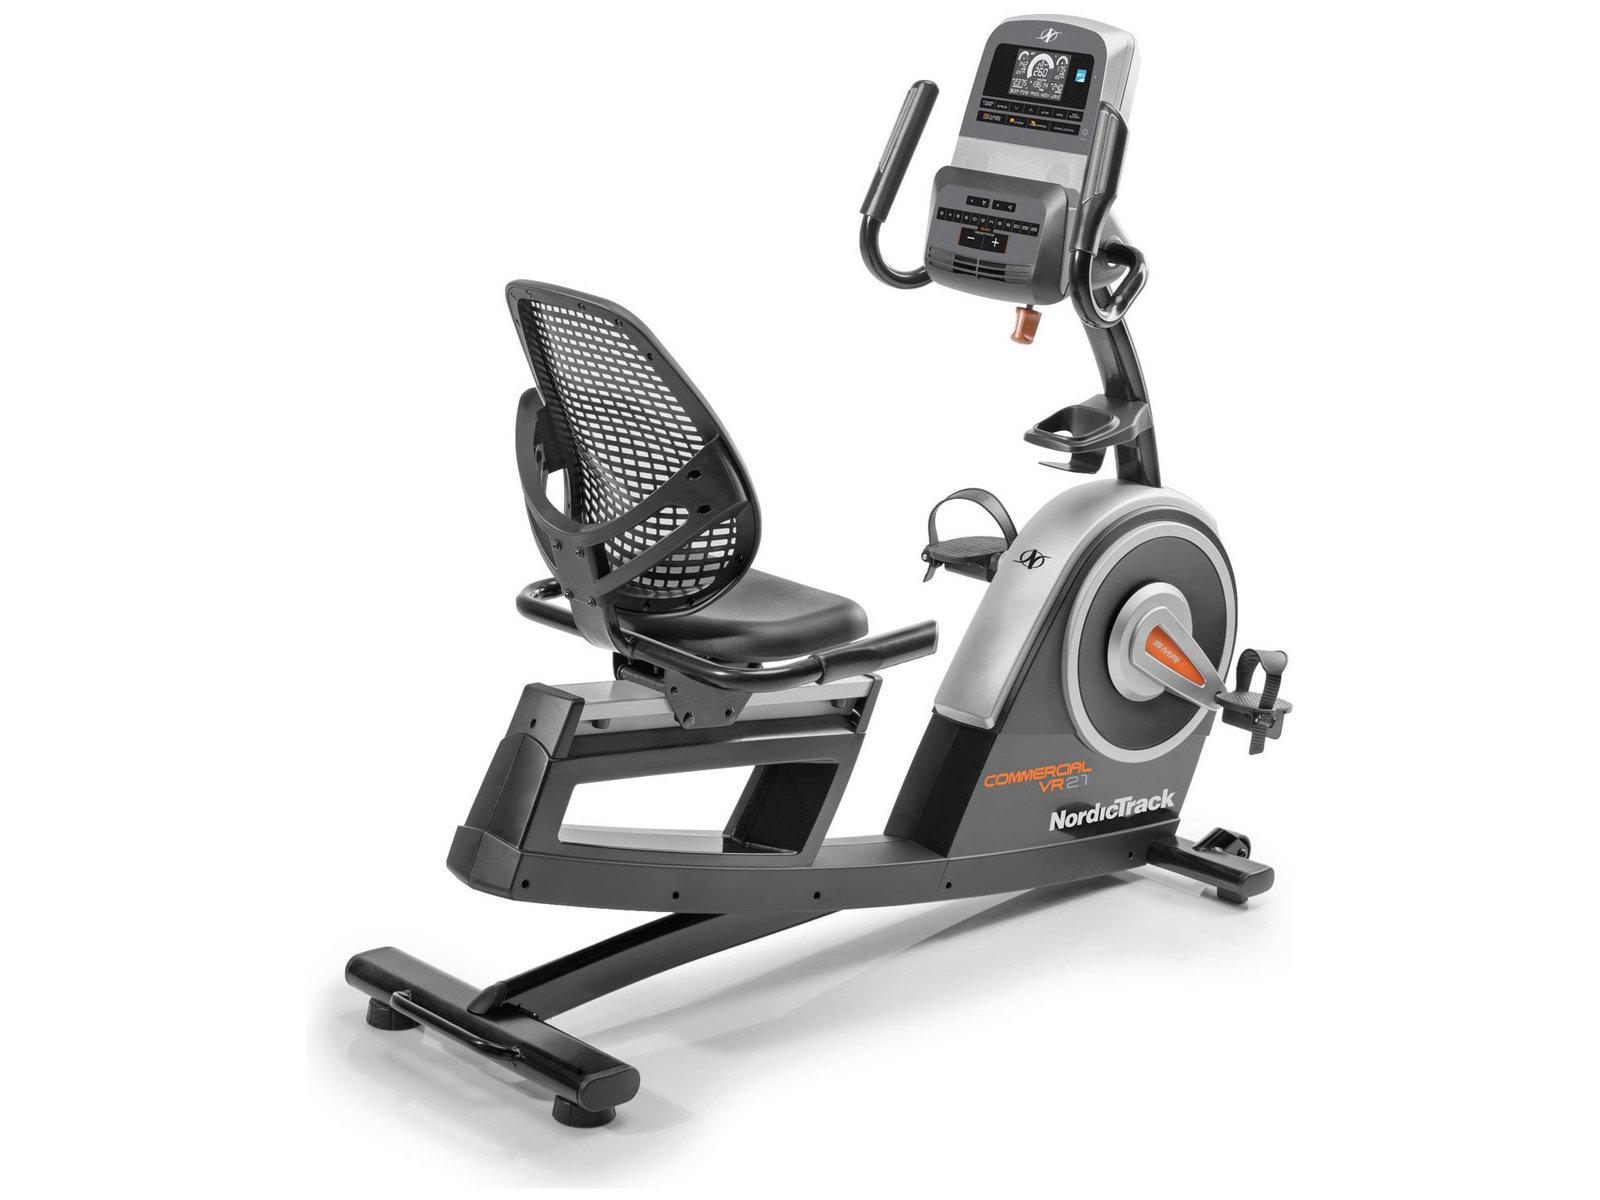 Велотренажер NORDICTRACK Commercial VR21 велотренажеры nordictrack gxr 4 1